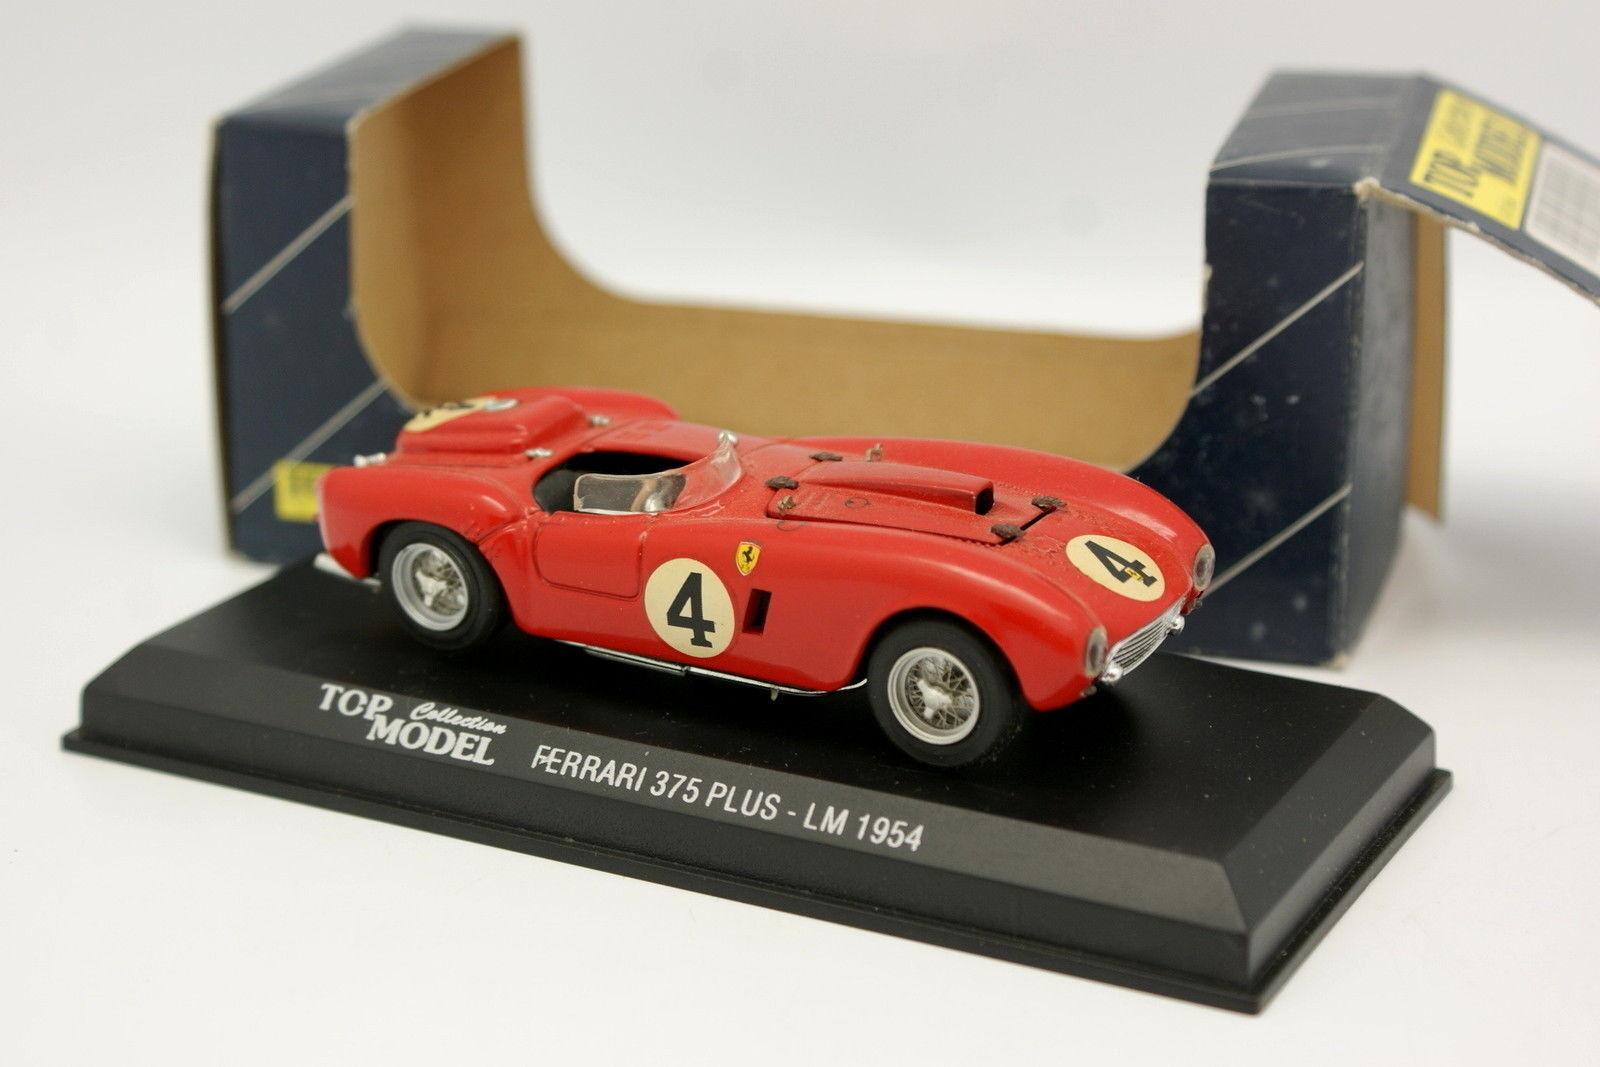 Top Modelo 1 43 - Ferrari 375 Plus Le Mans Mans Mans 1954 e0c715